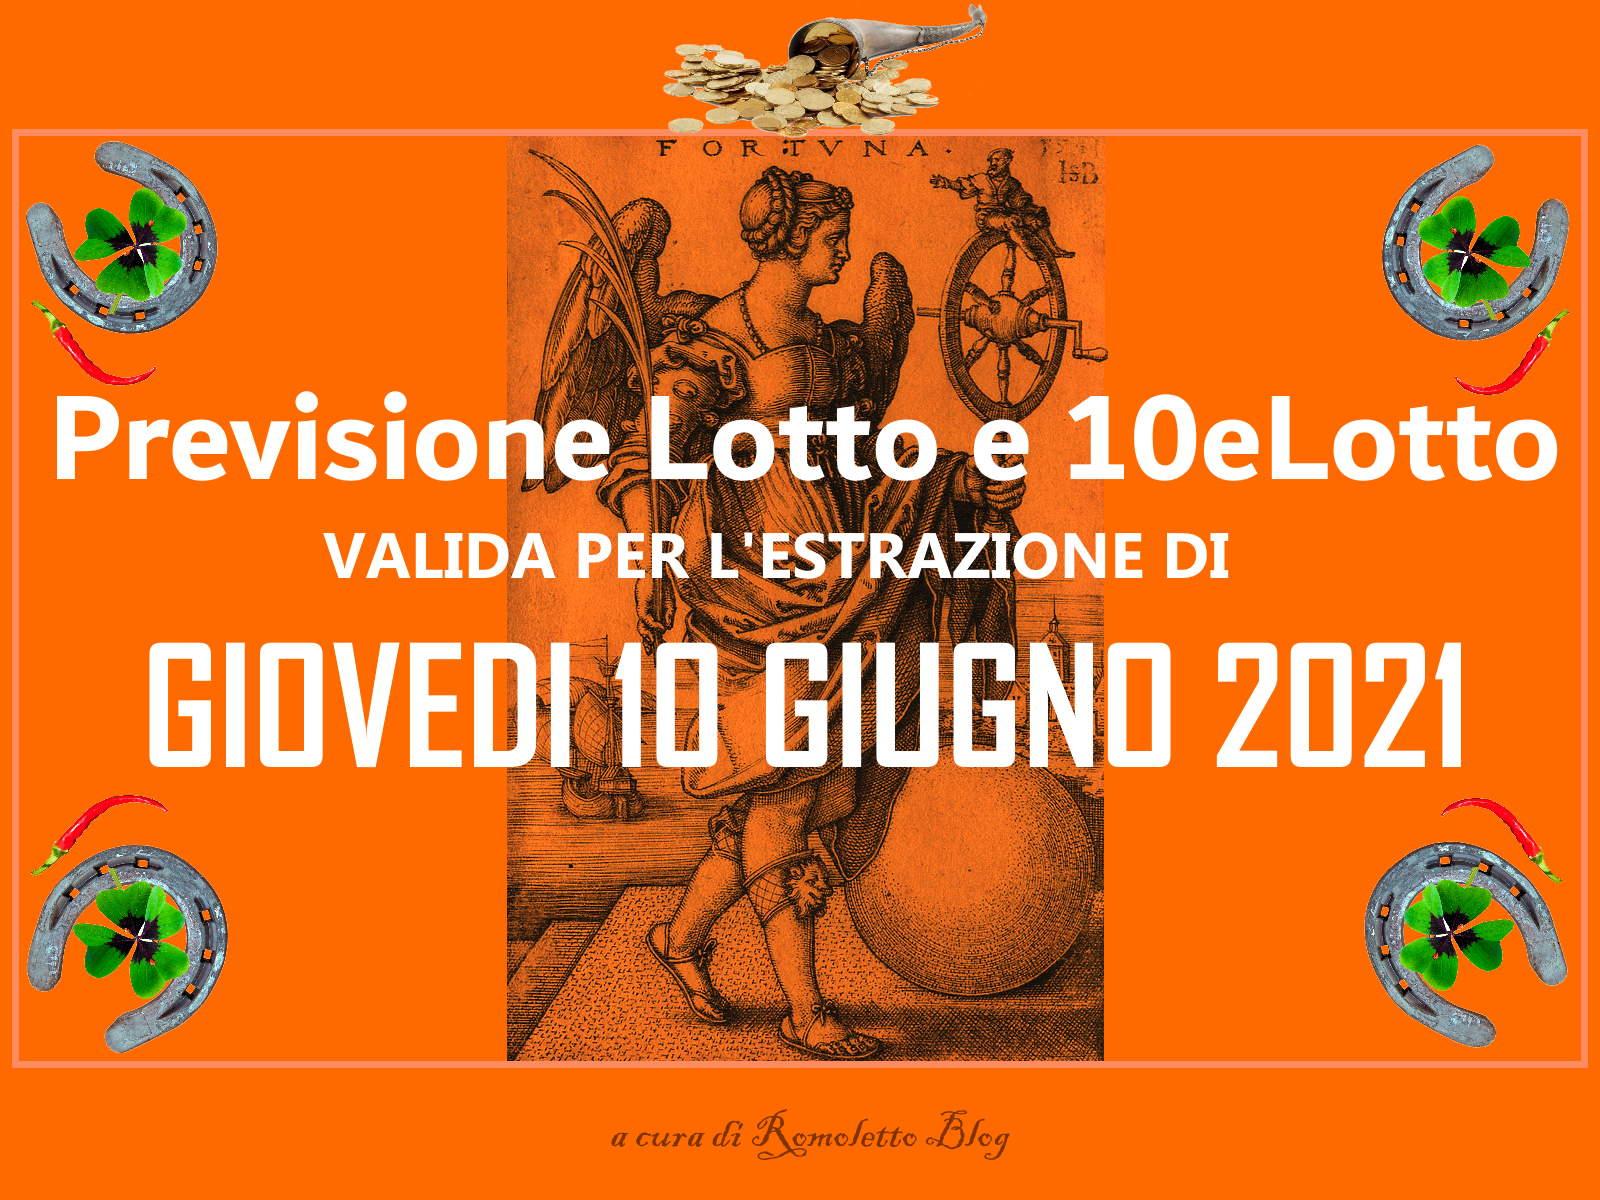 Previsione Lotto 10 Giugno 2021